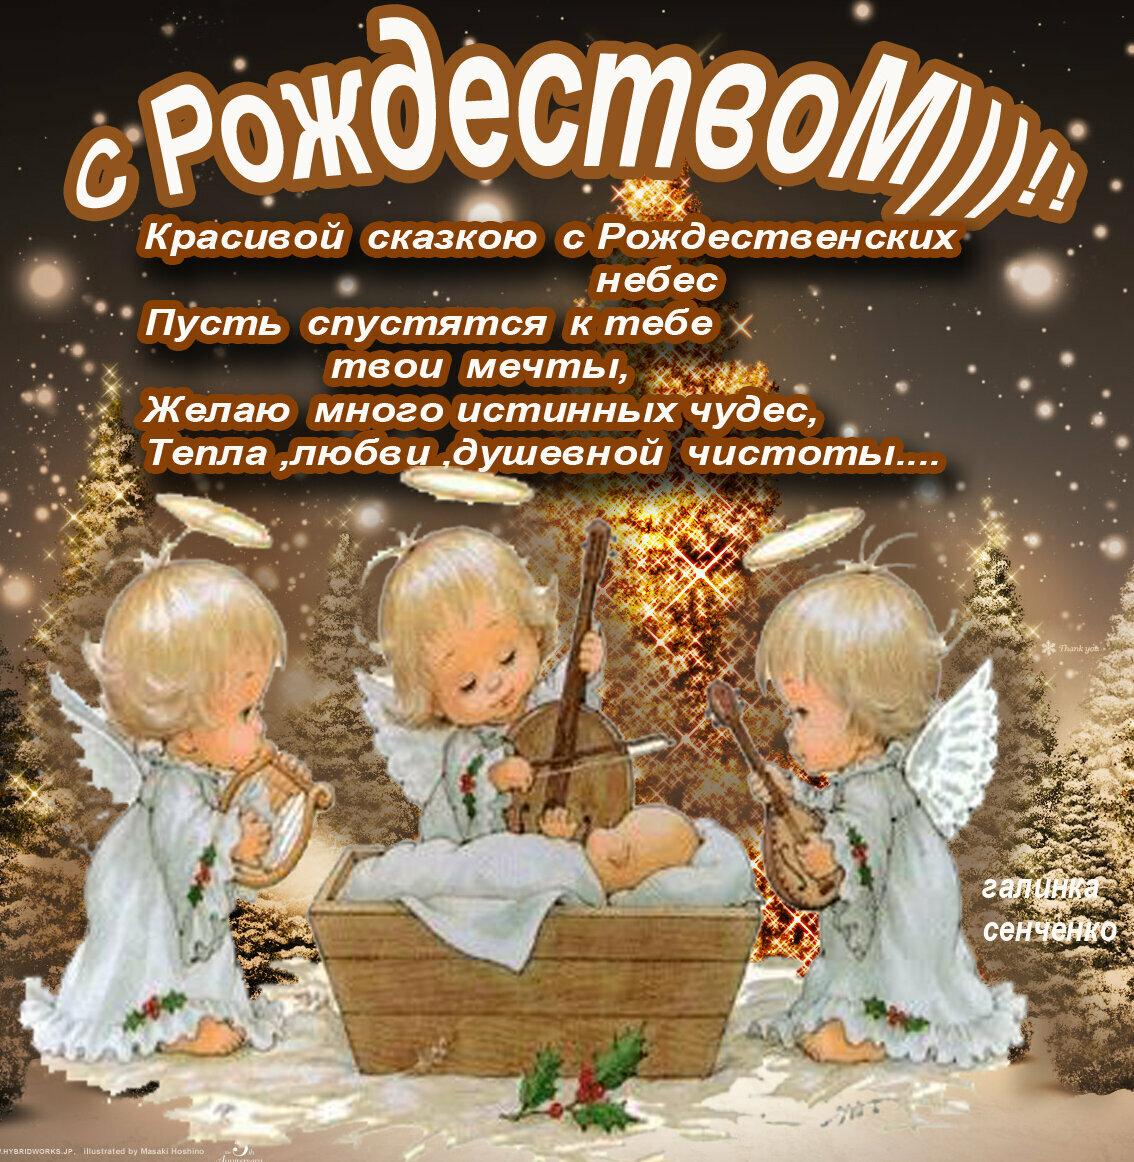 Красивое голосовое поздравление с рождеством